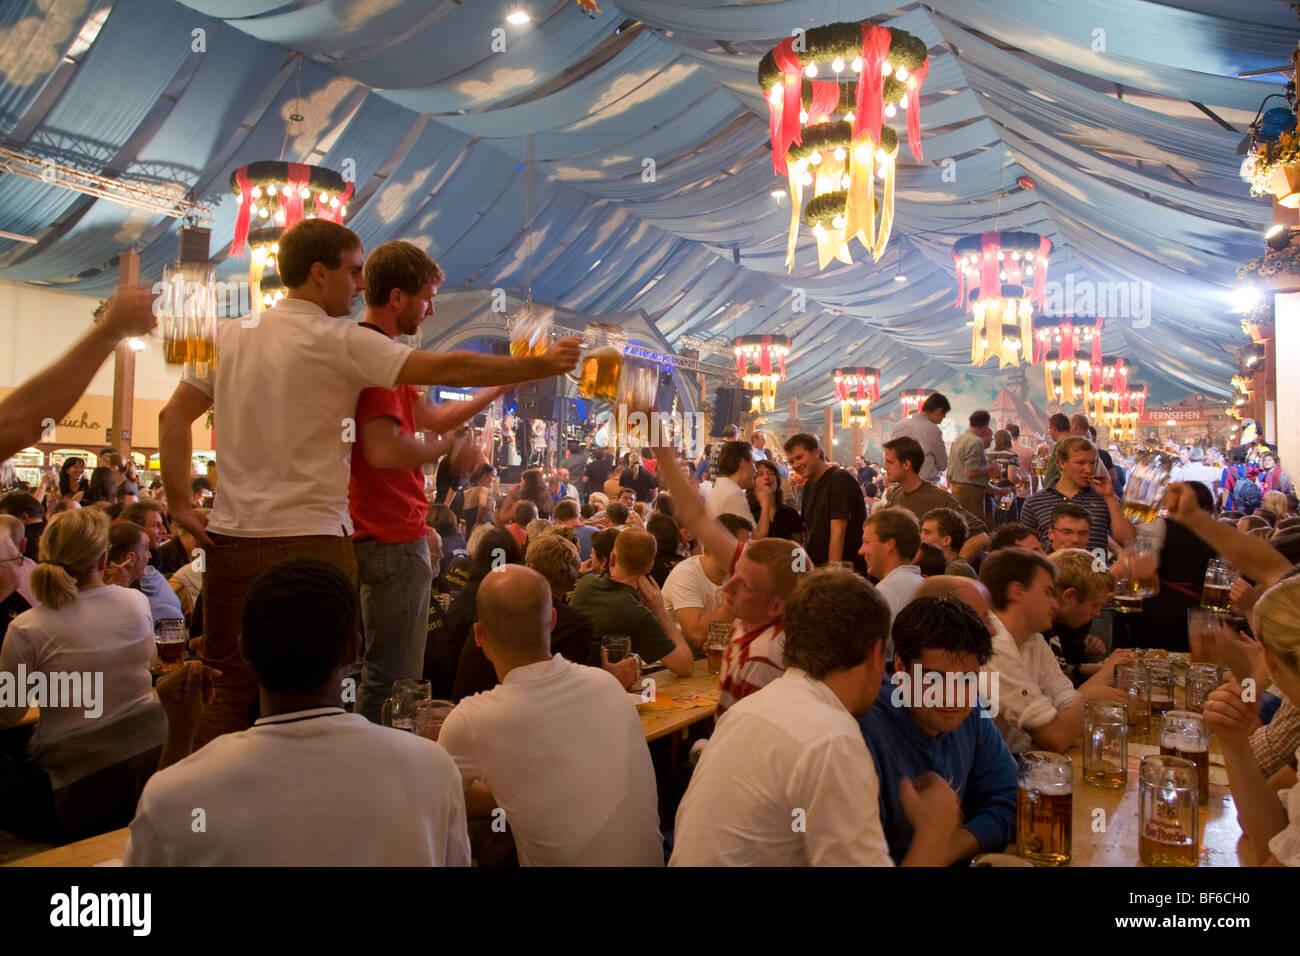 Volksfest on Cannstatter Wasen, Beer Tent, Bad Cannstatt, Stuttgart, Baden-Wuerttemberg, Germany - Stock Image